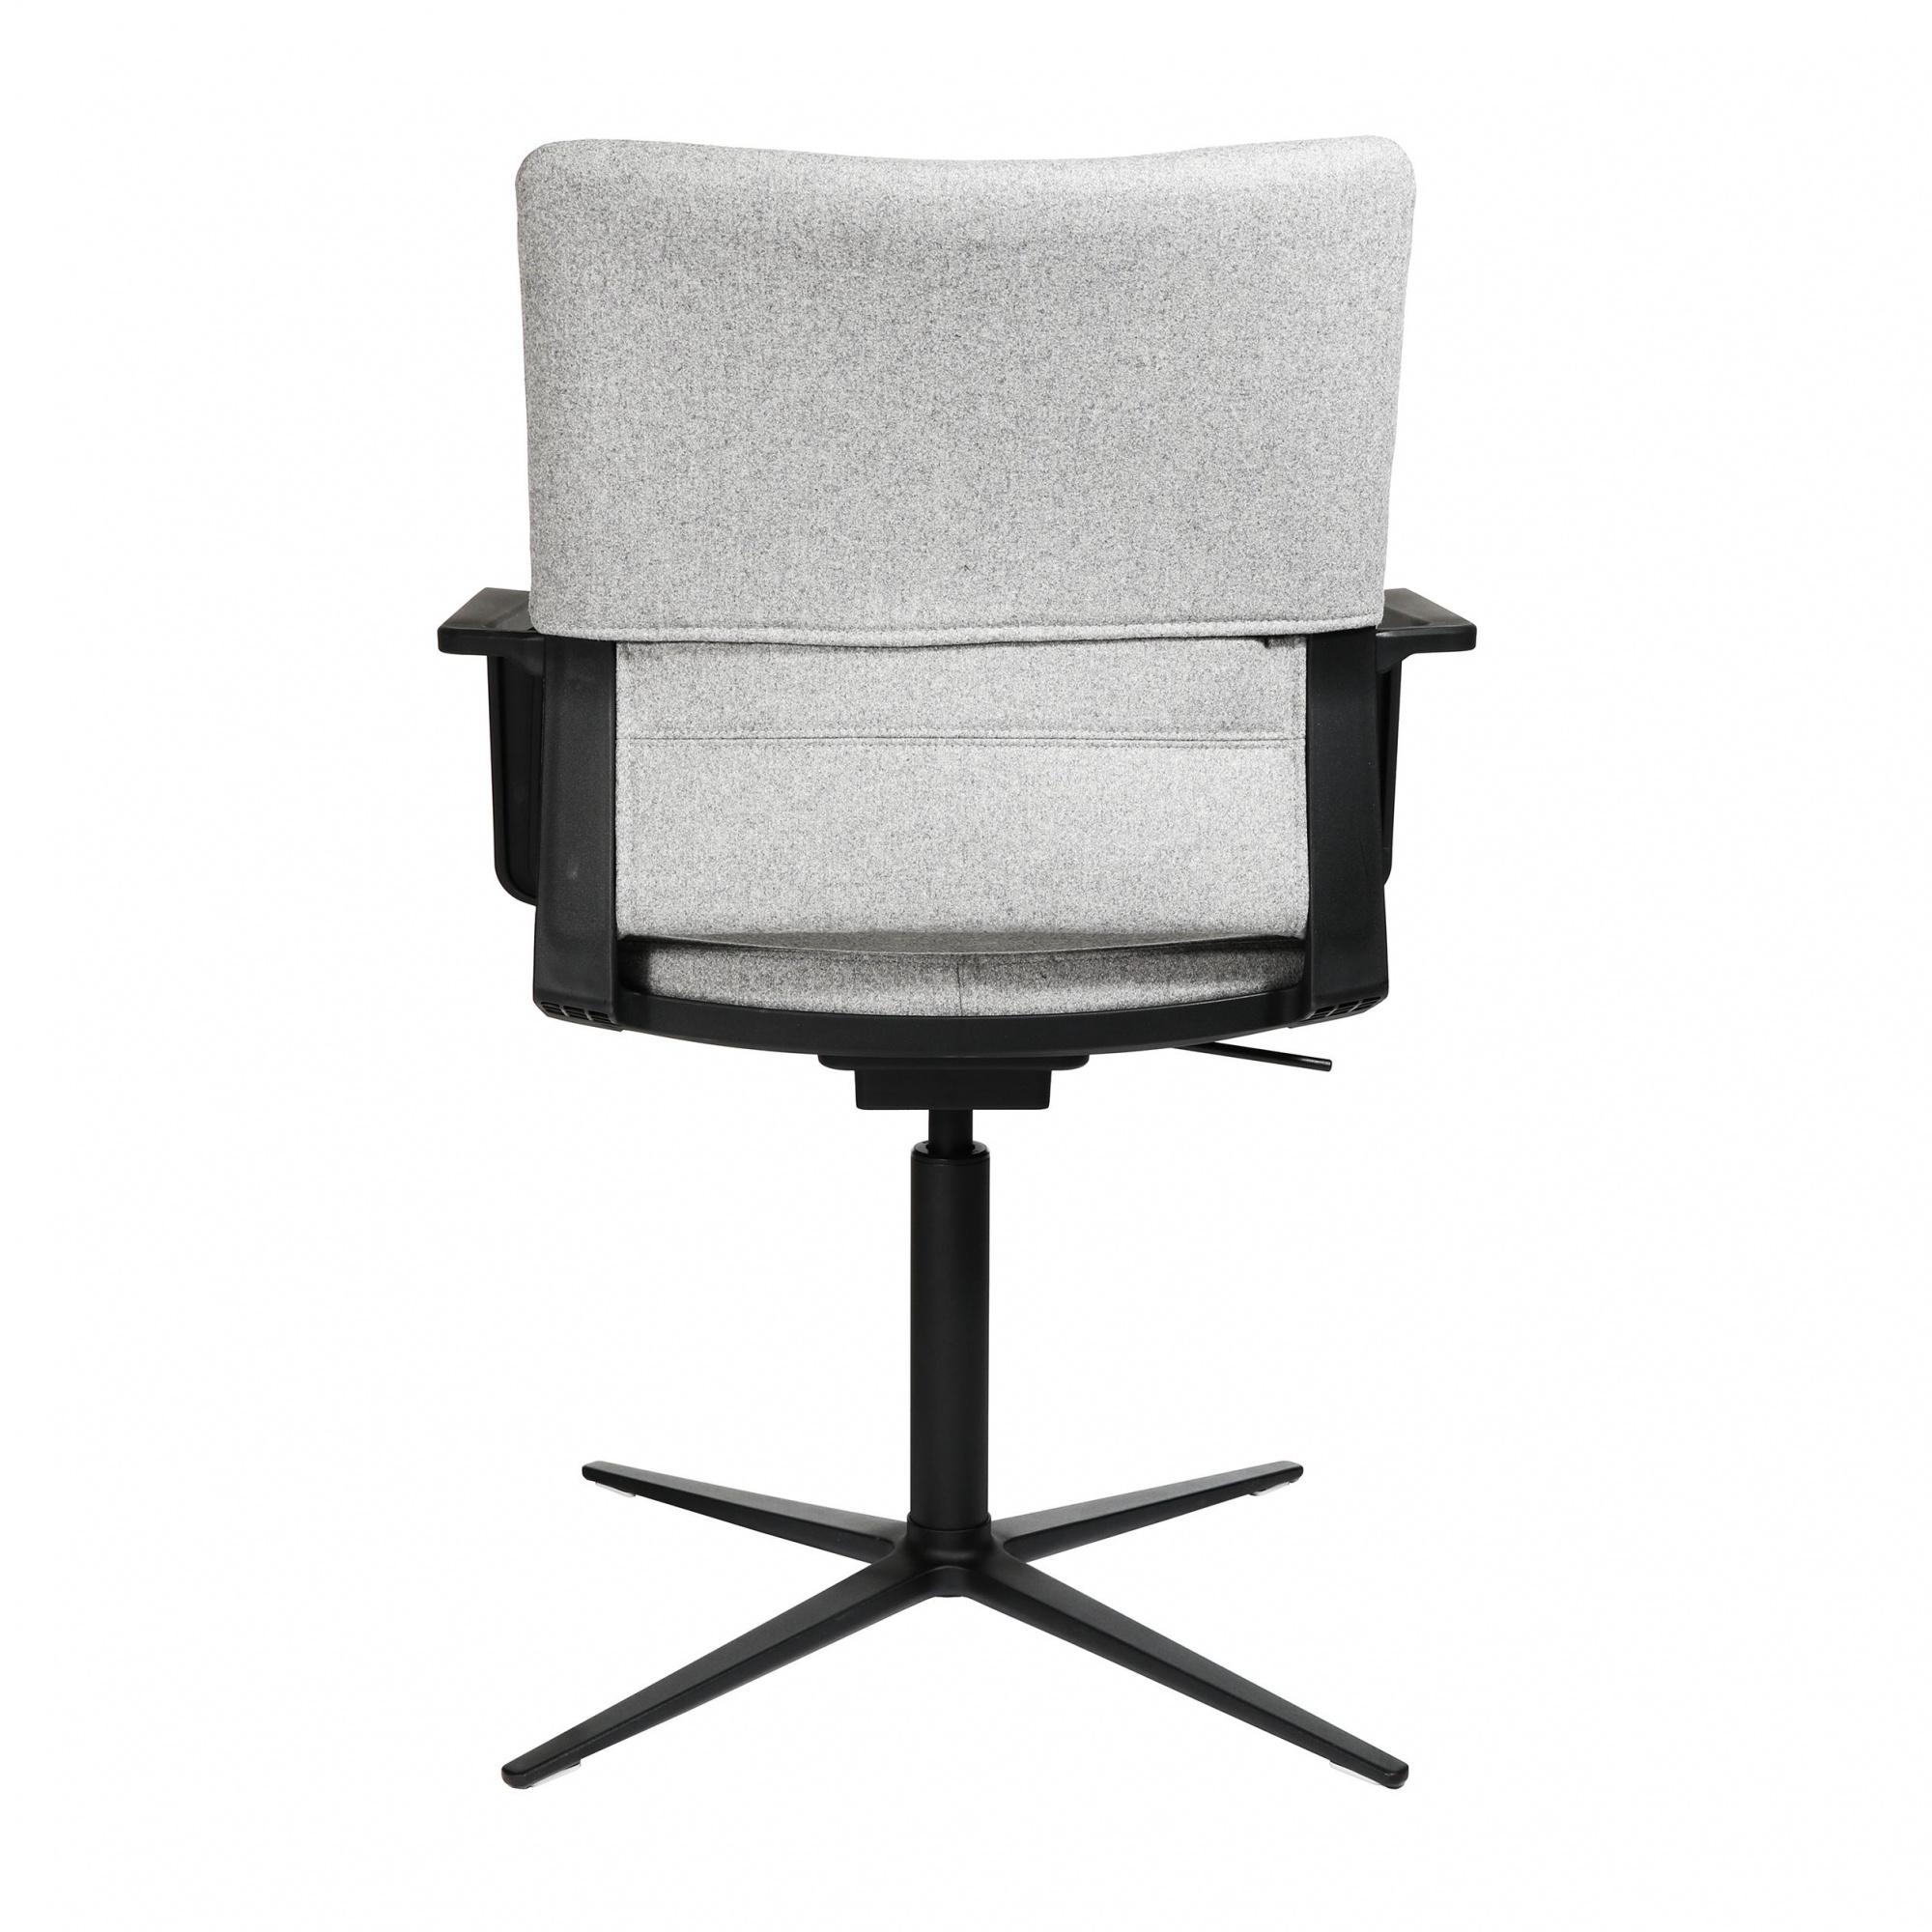 Wagner - W70 H 3D - Chaise de conférence - gris/étoffe Kvadrat KV21/PxP 72x72cm/H 90-96cm/patins incl./structure aluminium noir graphite mat